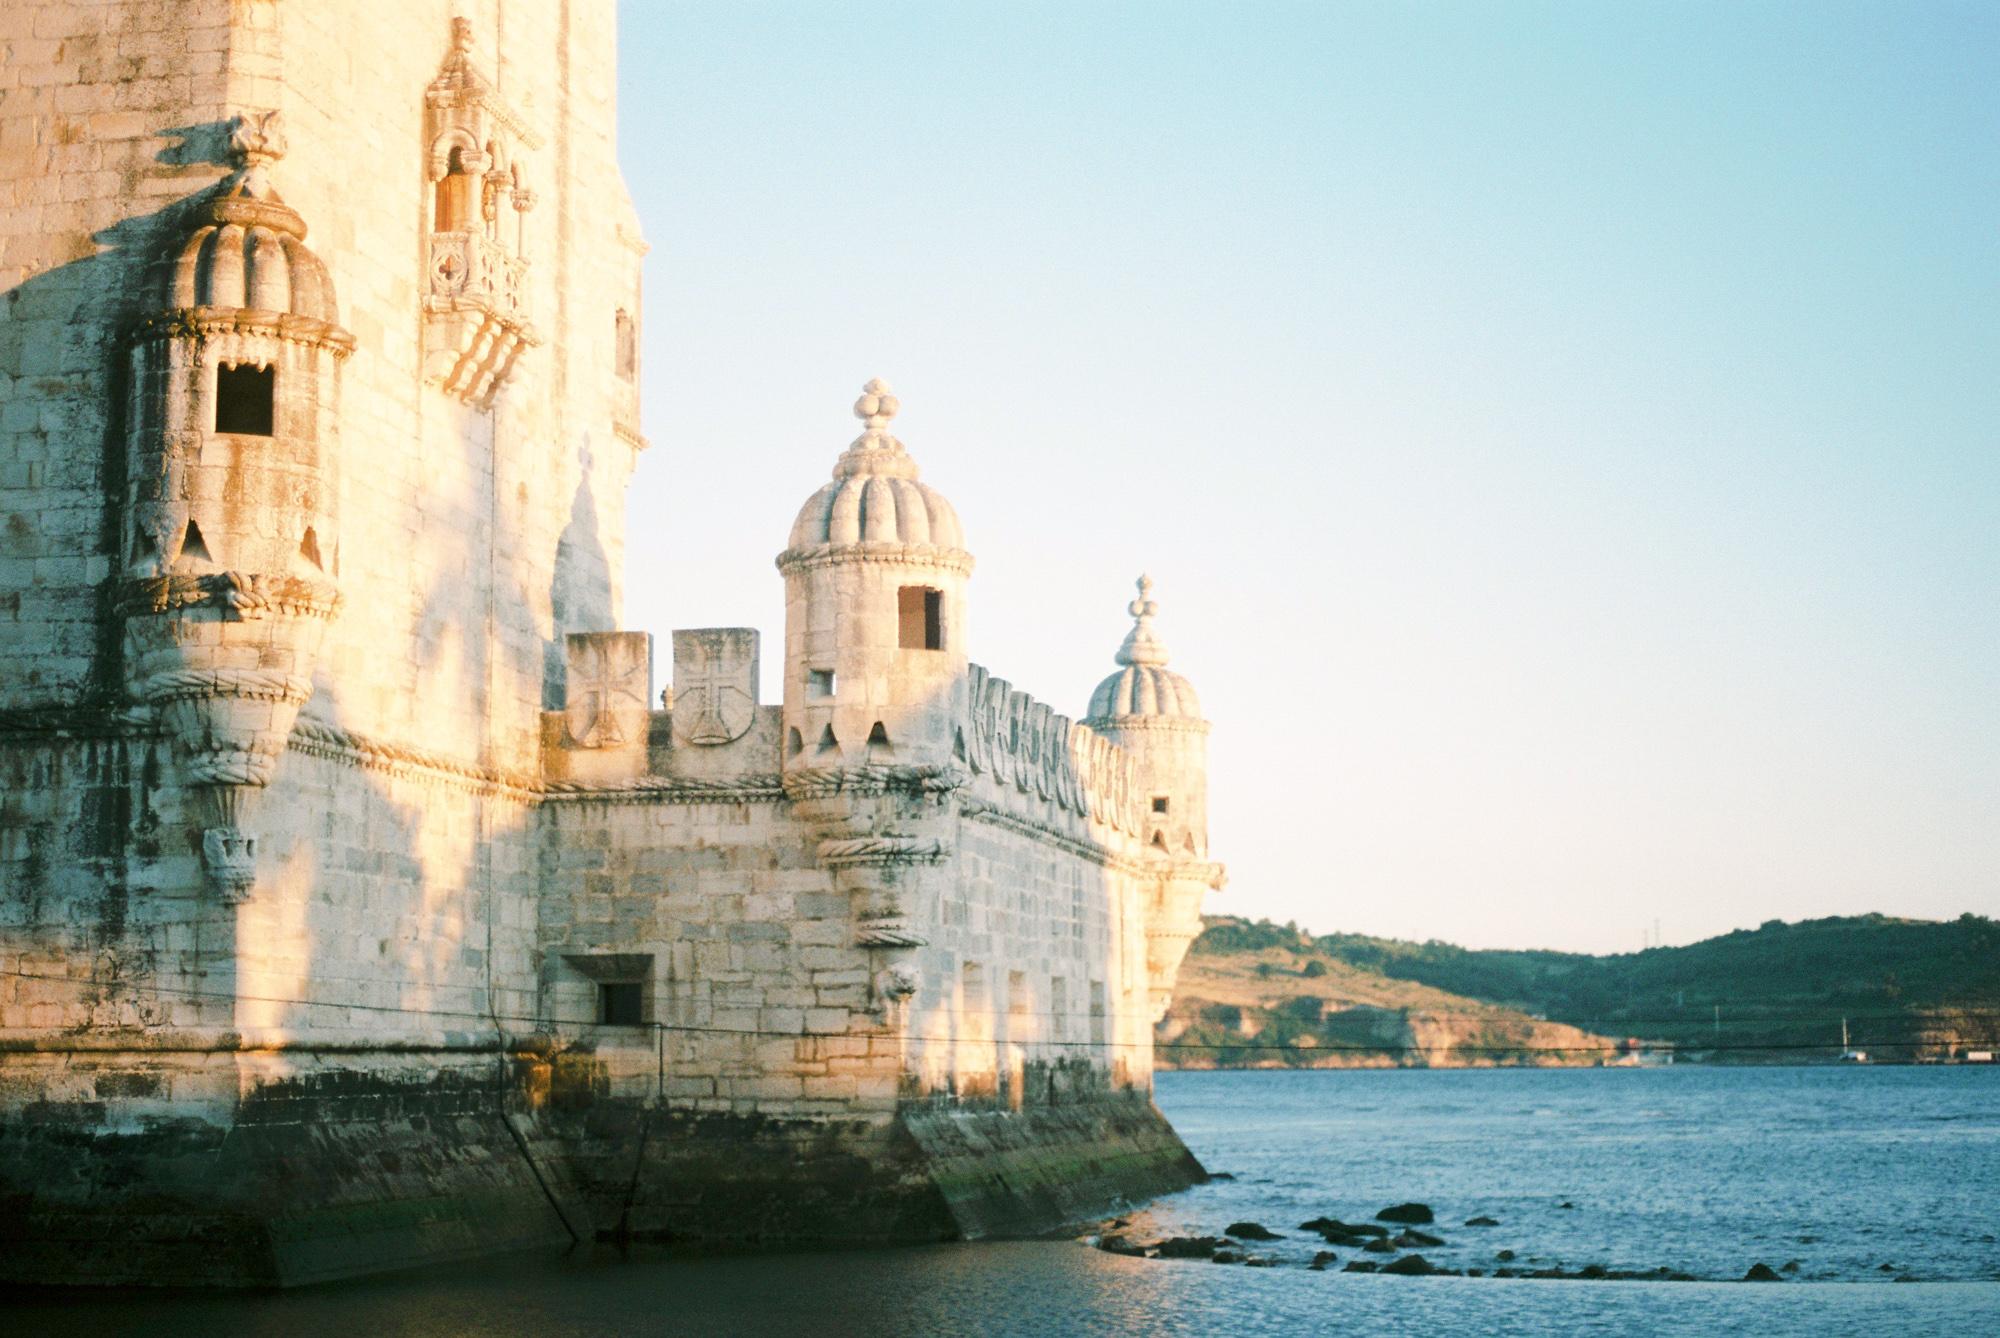 Fotografia-Analogica-Lisboa-Filme-Oceanica-22.jpg